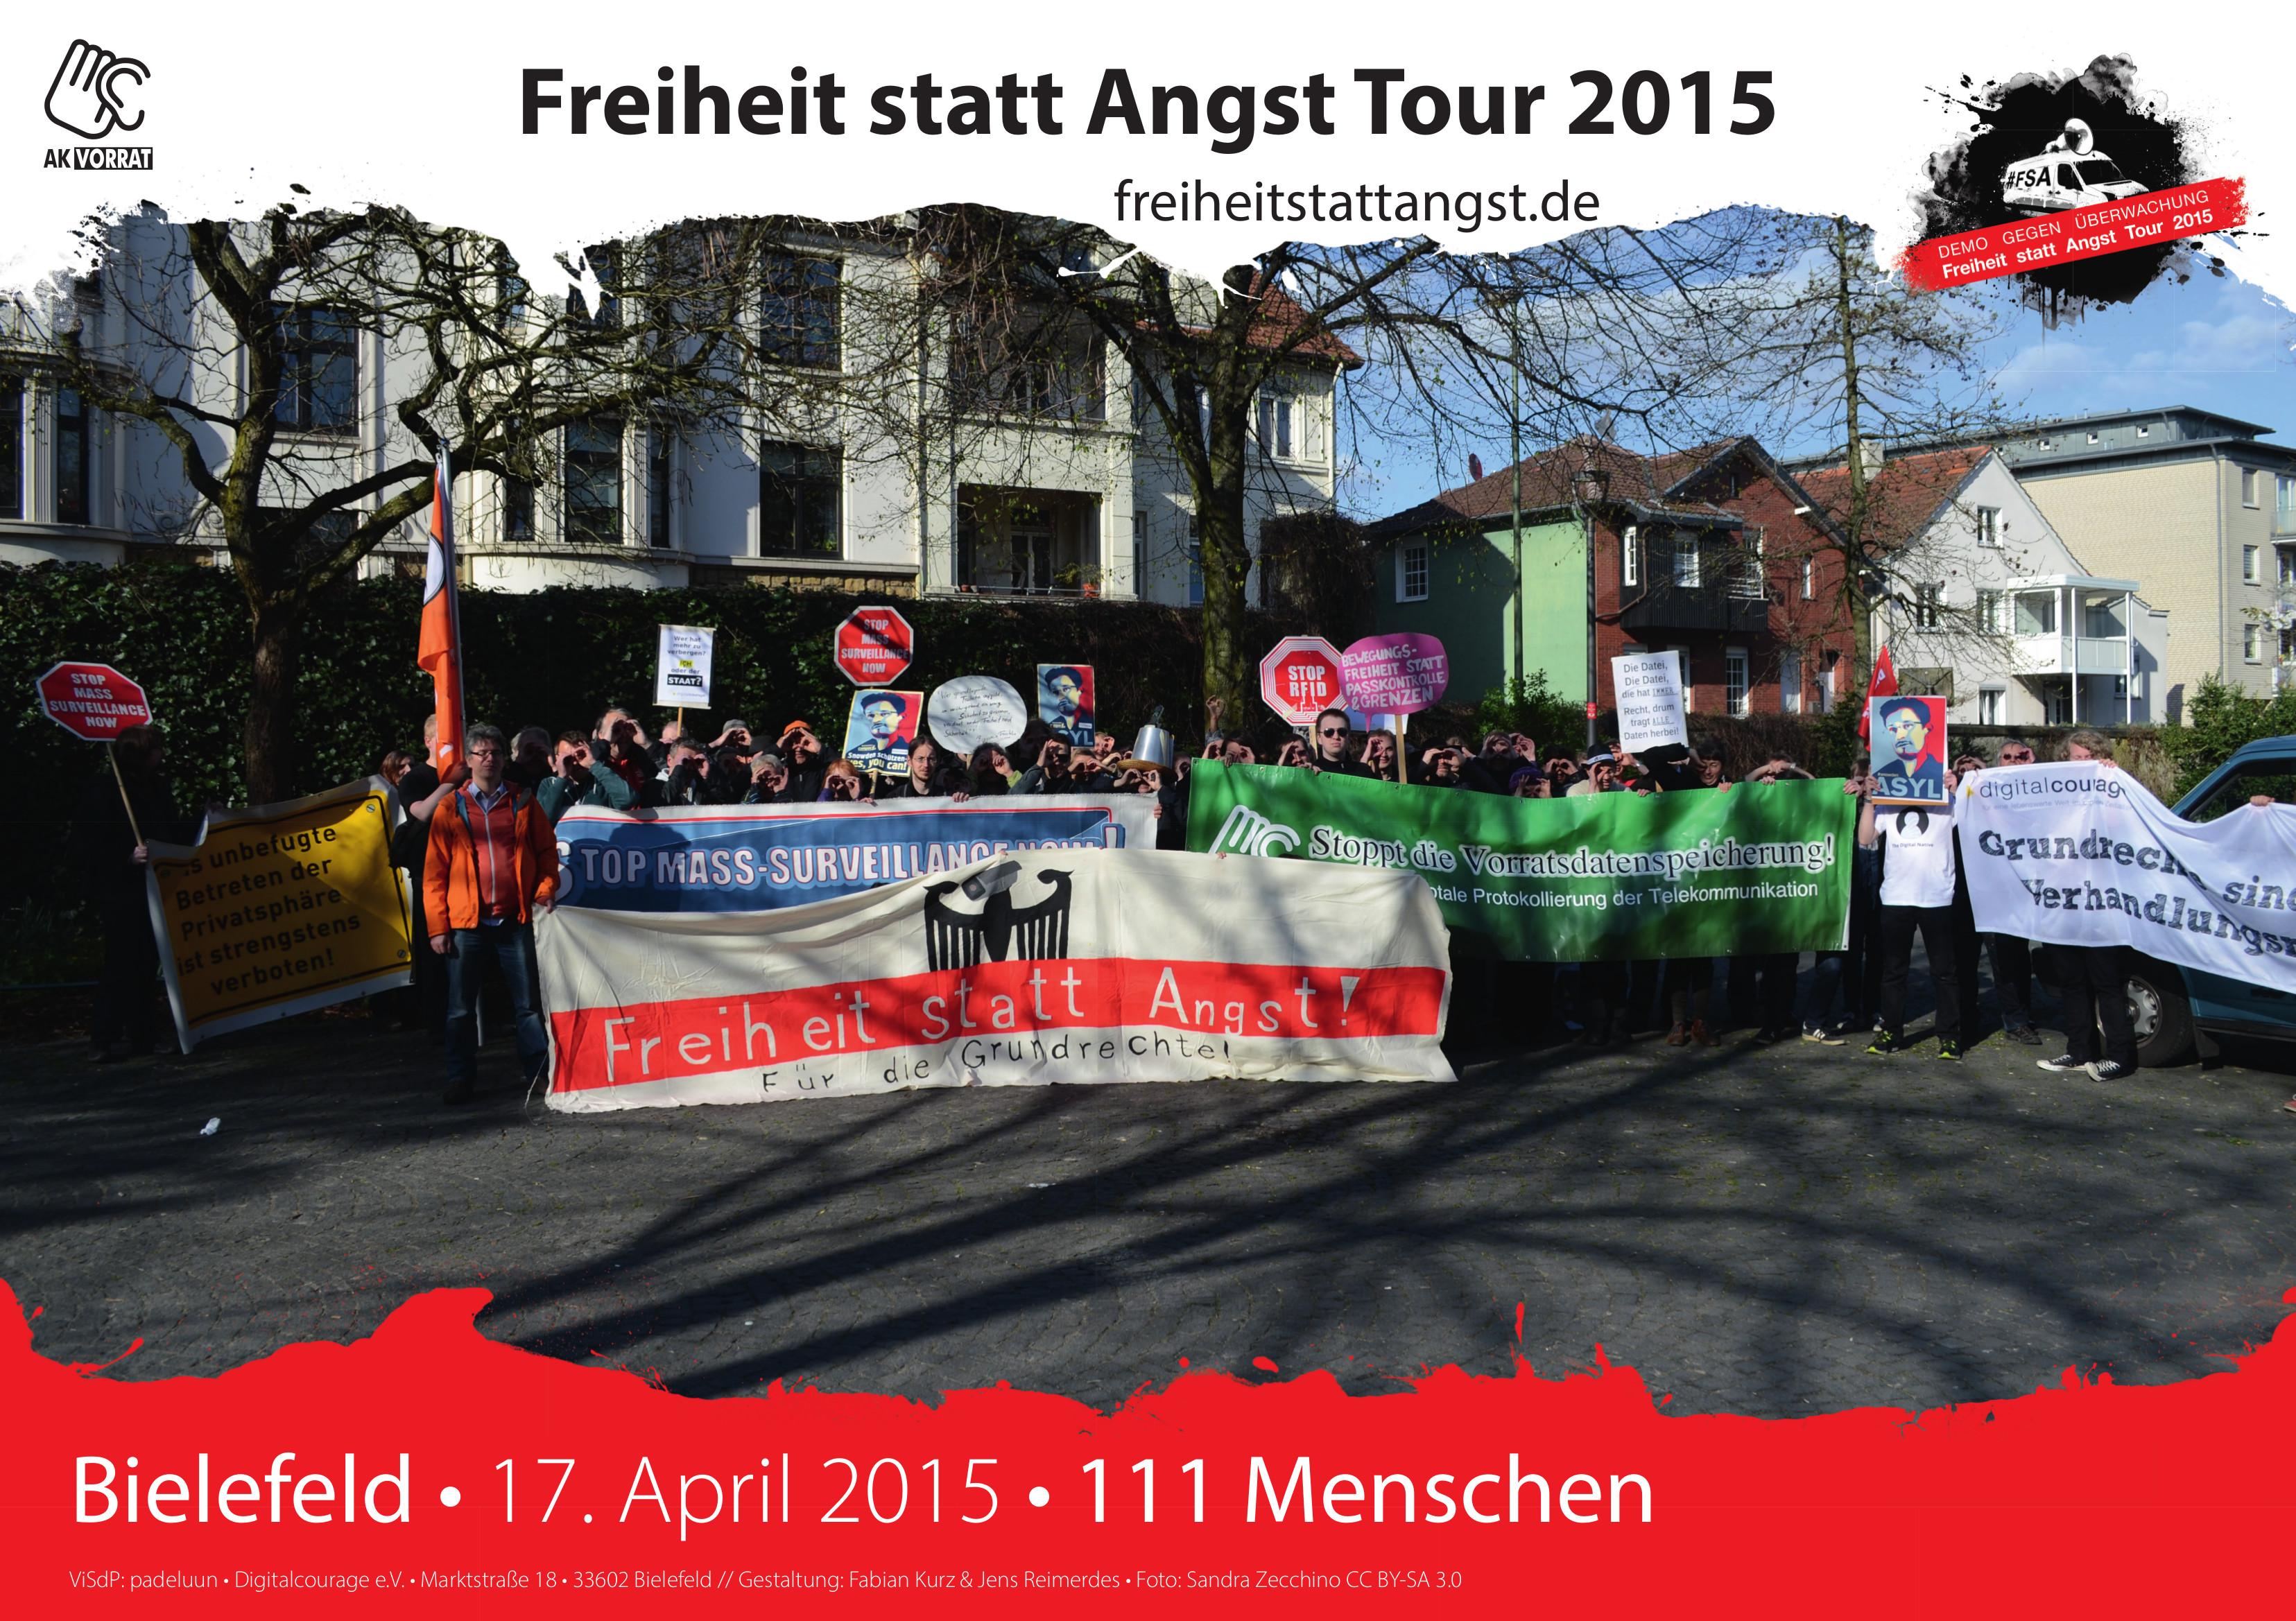 Der Auftakt in Bielefeld am 17. April 2015